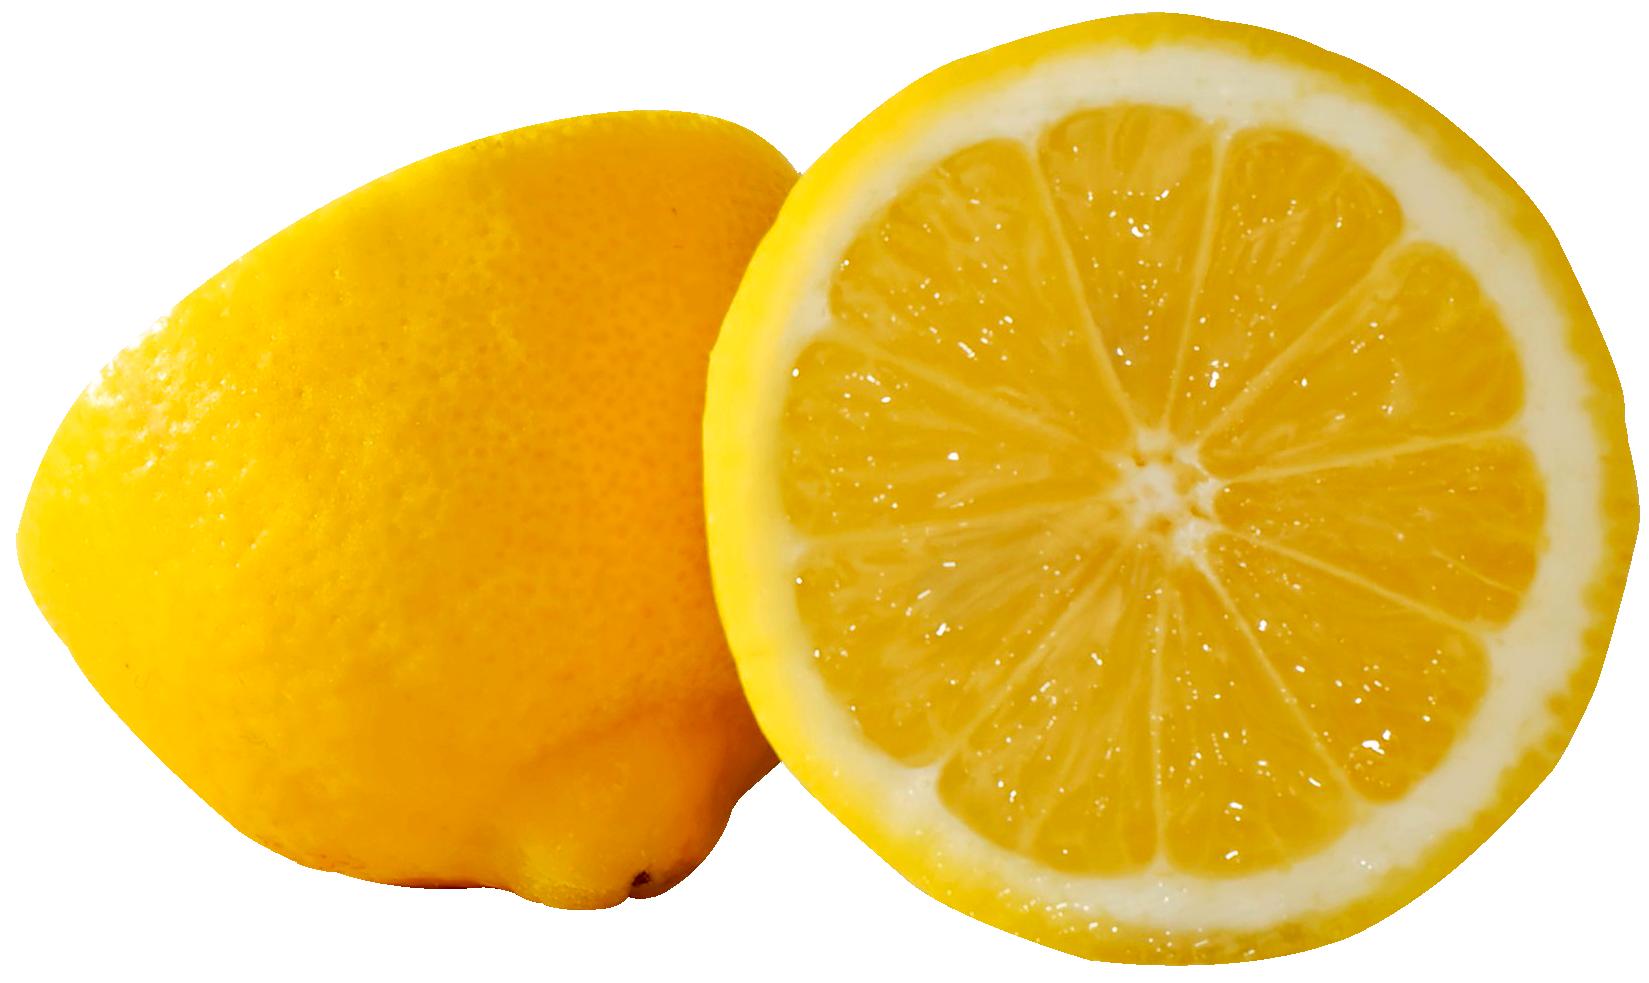 freeuse Cut png image purepng. Lemons clipart lemon fruit.